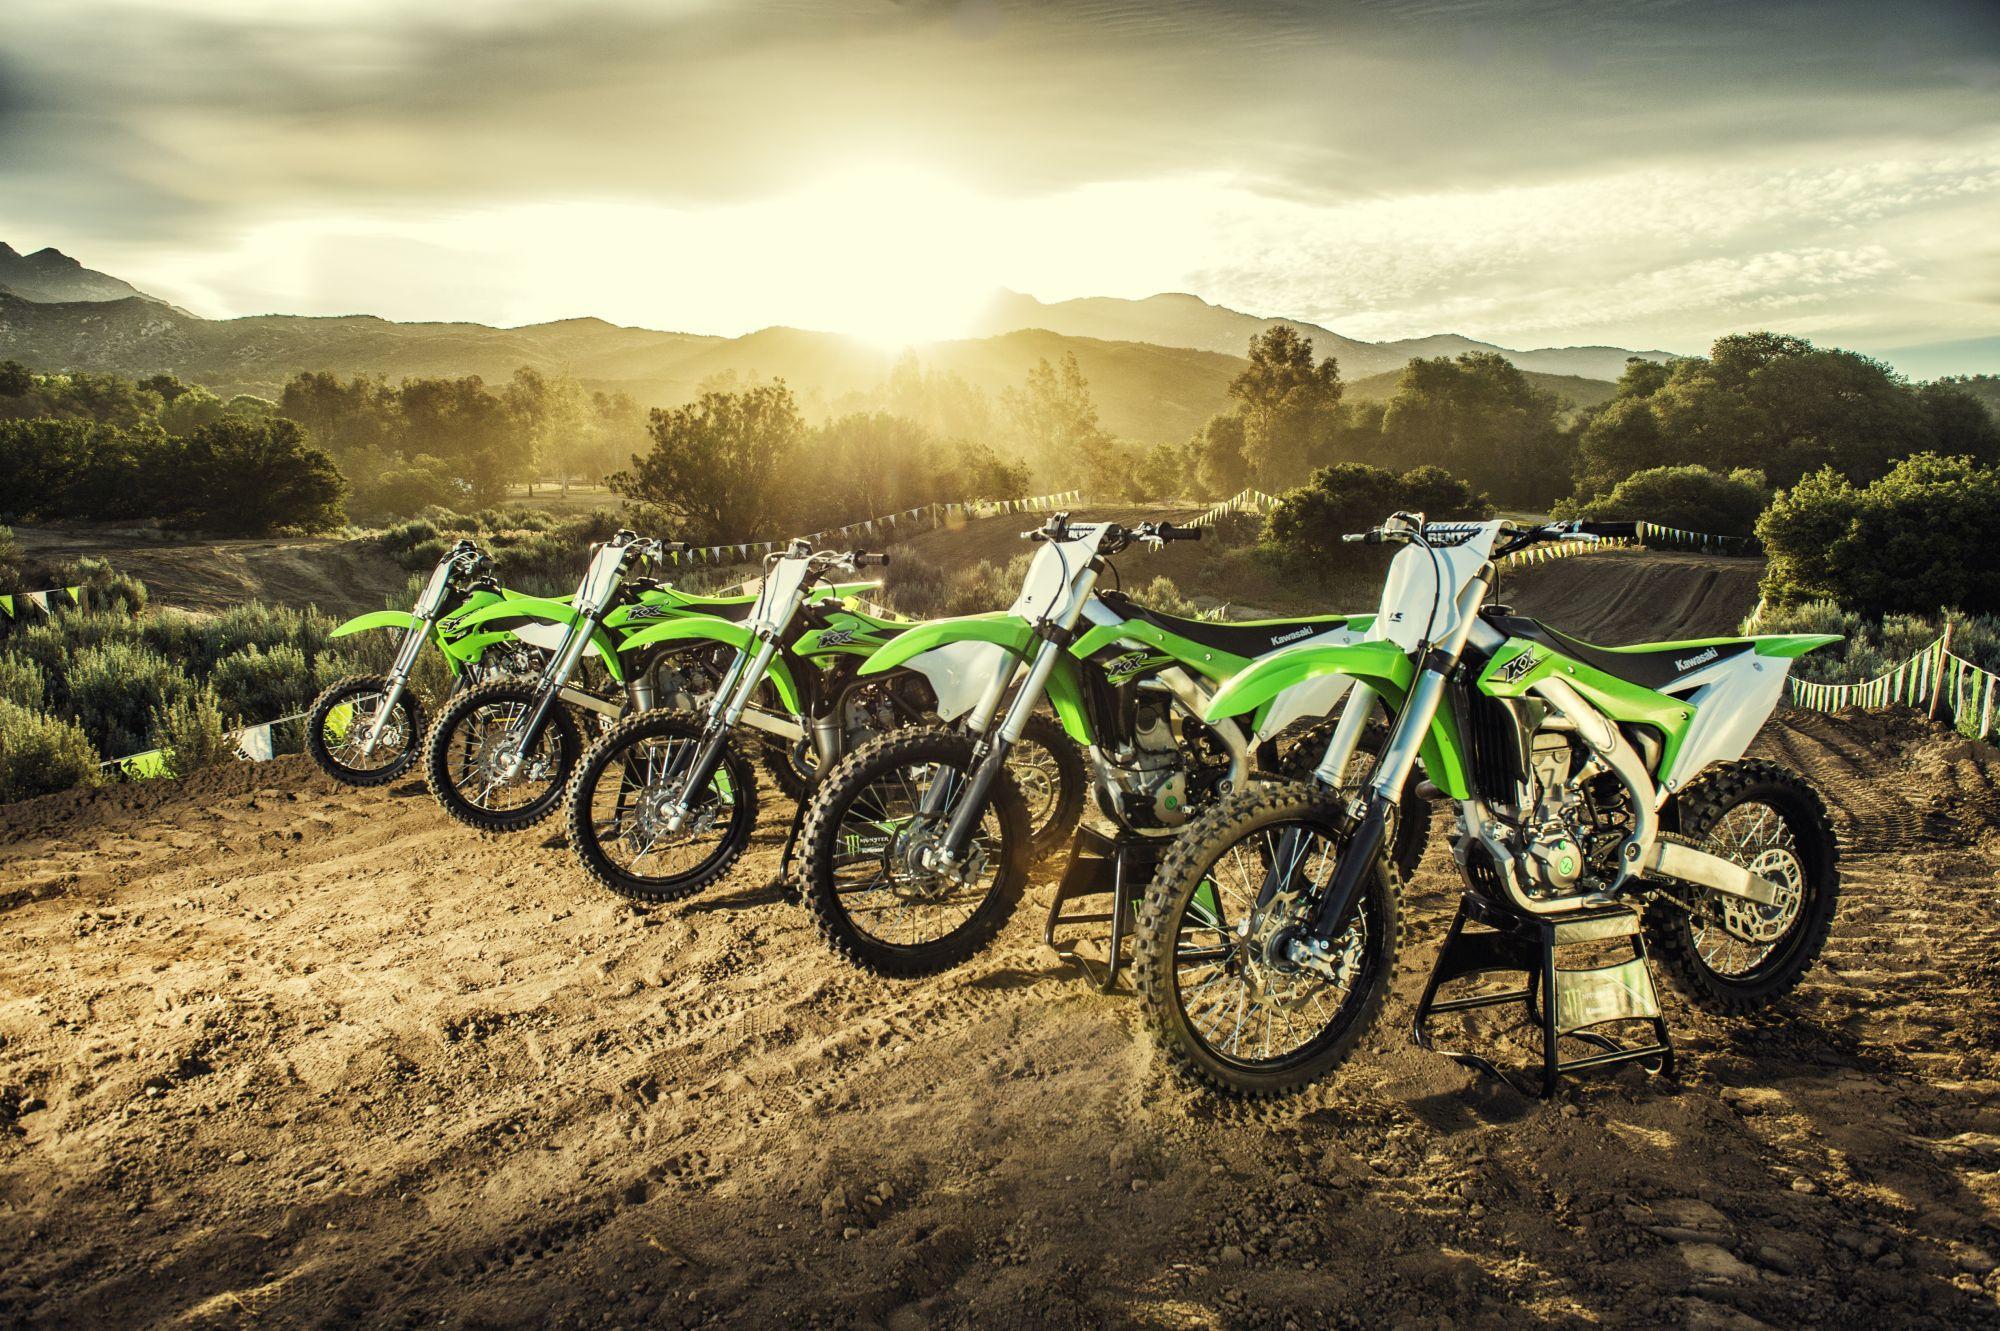 Kawasaki präsentiert die KX250F für 2017 Foto